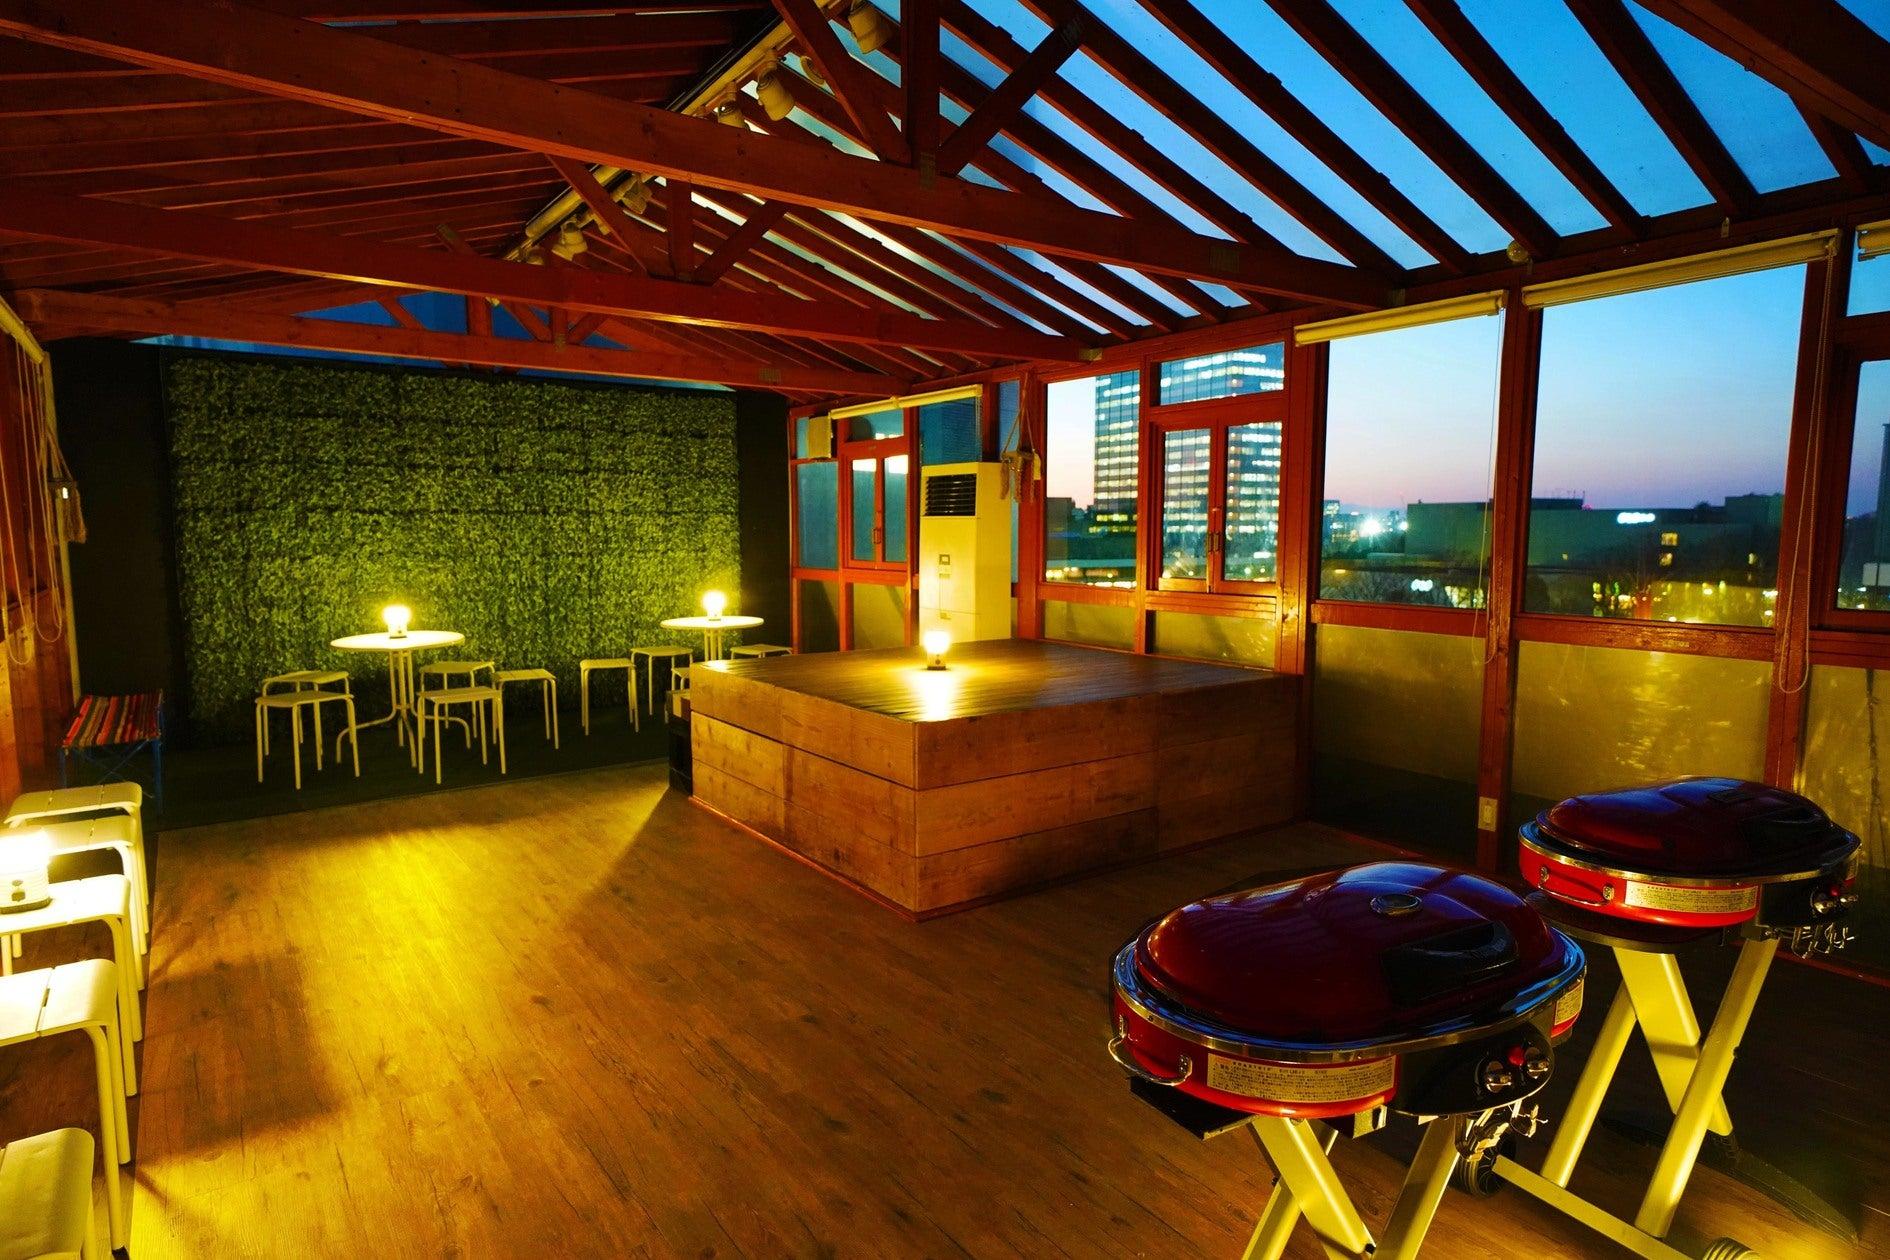 渋谷にあるBBQスペース 青空の下で大人数のパーティに最適です【渋谷・原宿 ソラハウス~貸切パーティー&室内BBQスペース~】(神南BBQソラハウス) の写真0